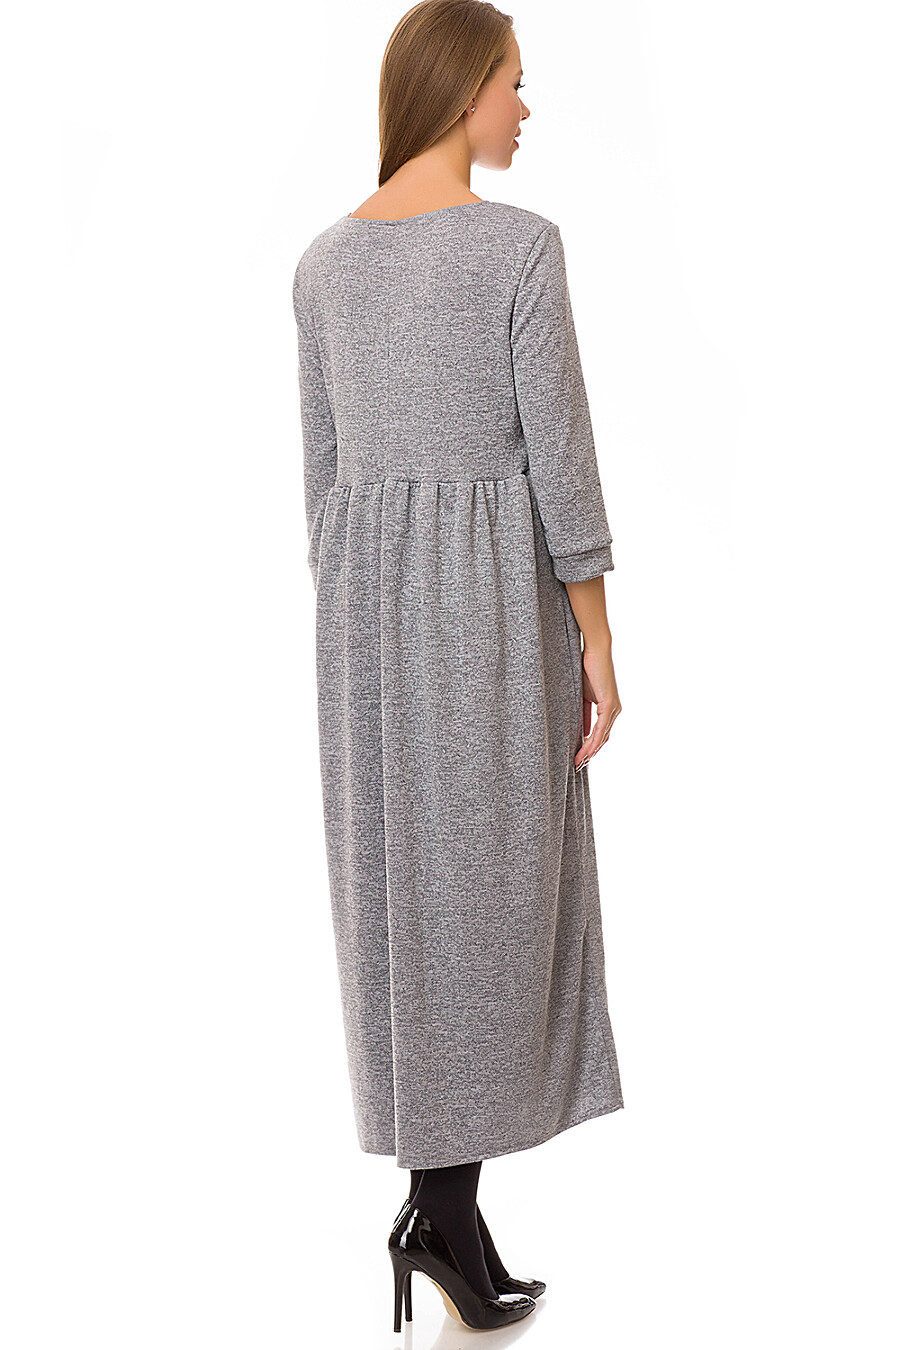 Платье #69308